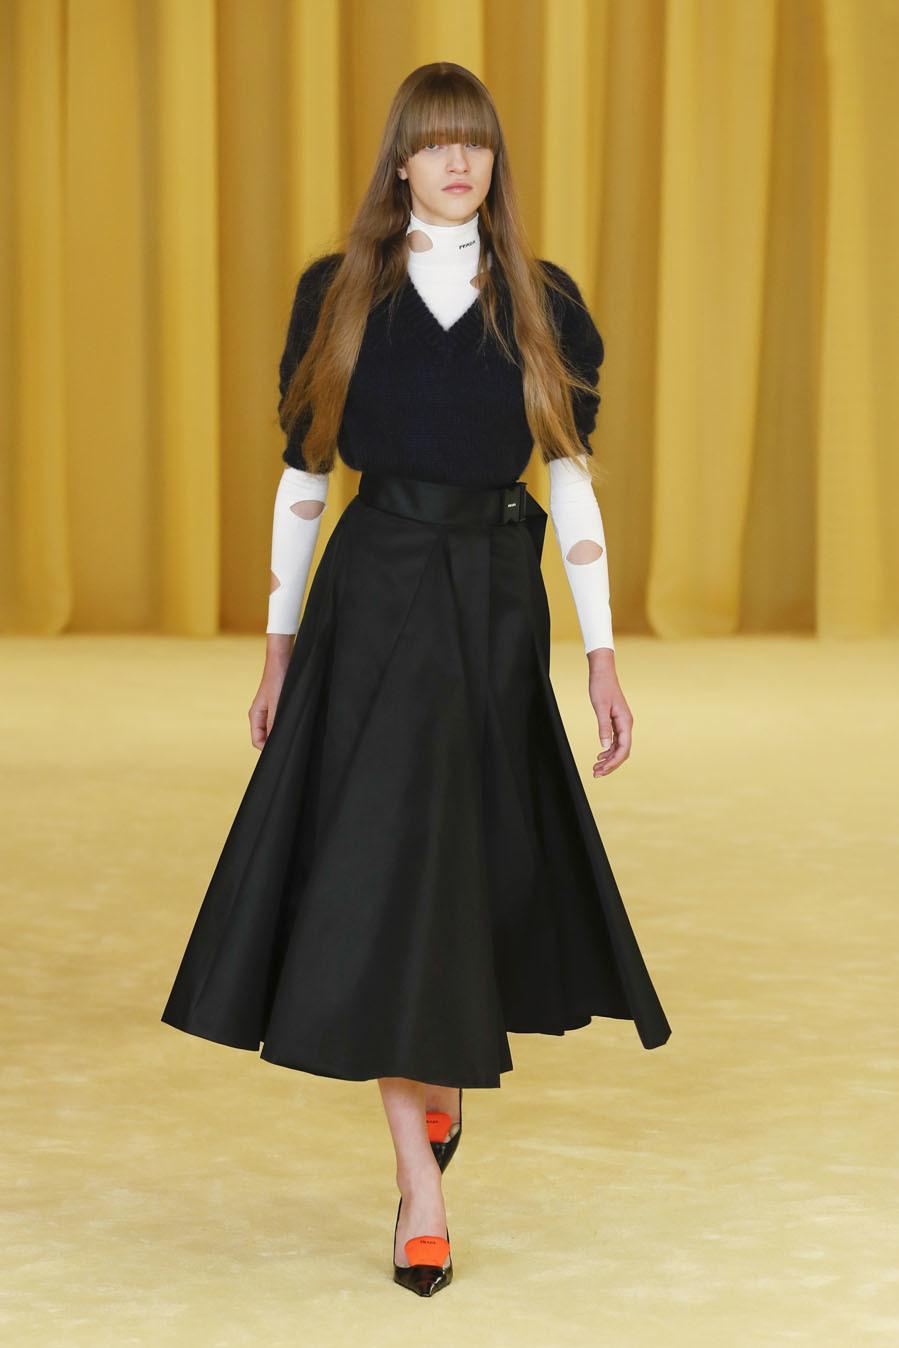 Desfile de Prada - Colección primavera-verano 2021 - Semana de la Moda de Milán